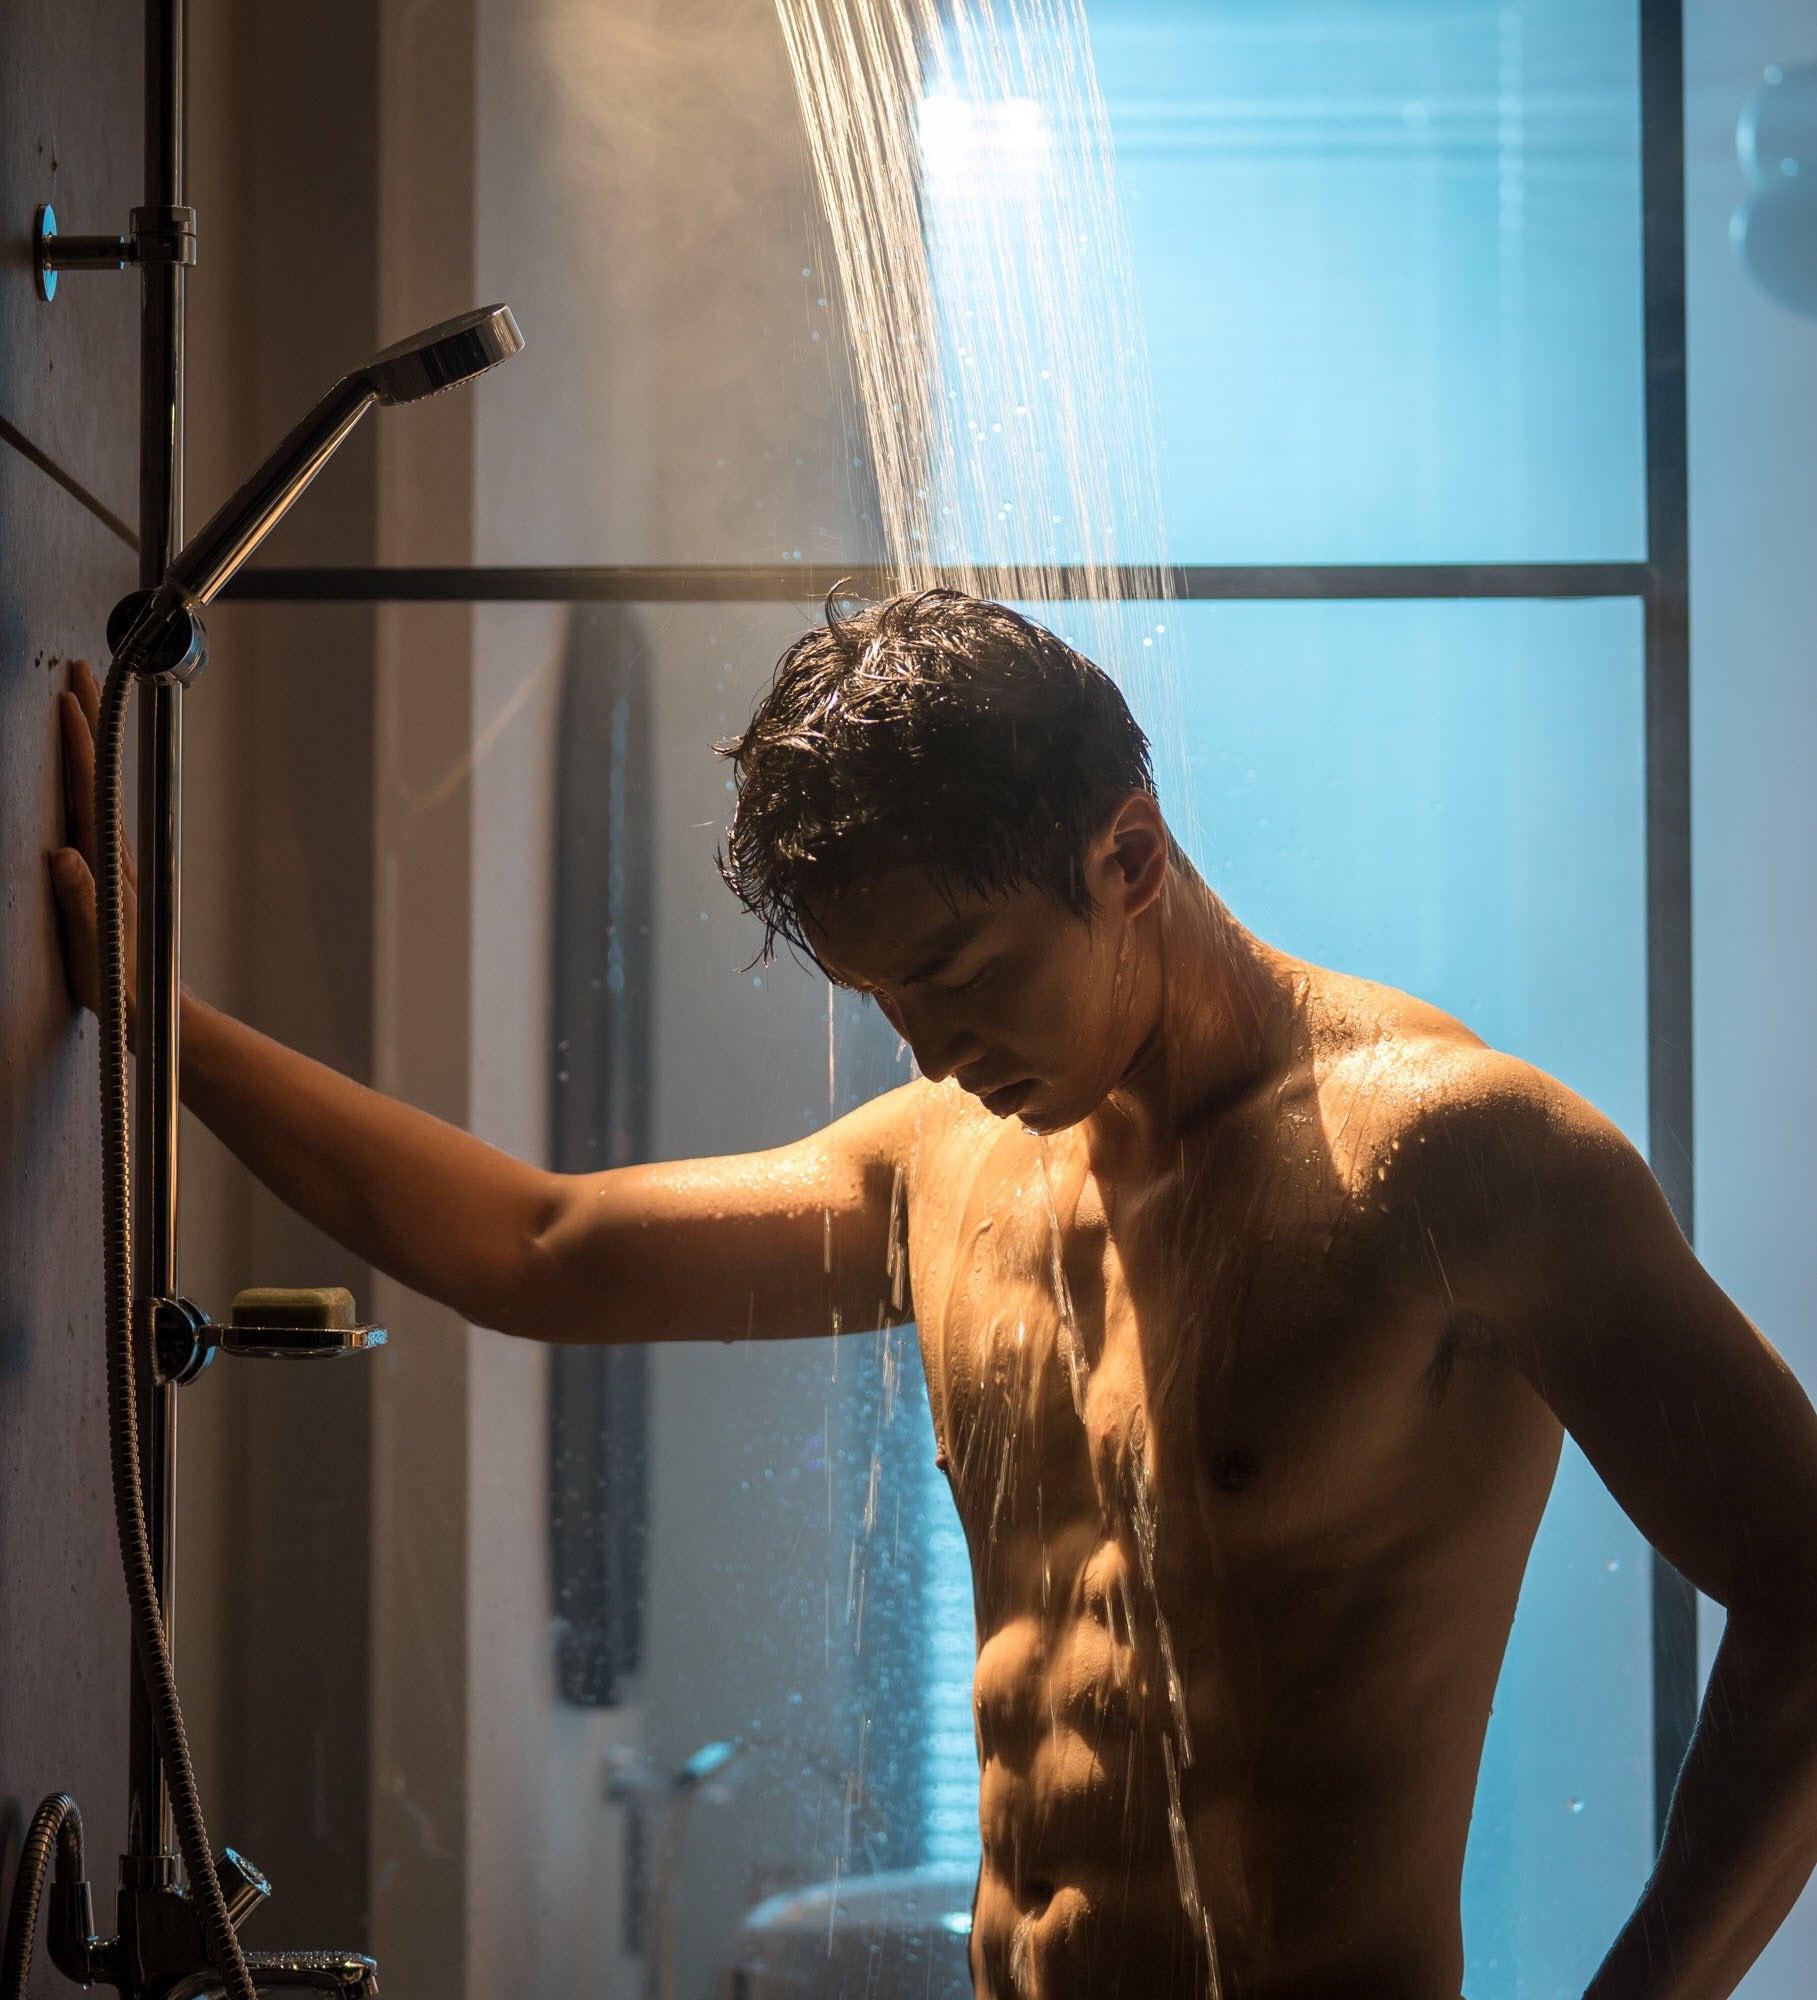 Lee Seung-gi Naked (1 Photo)